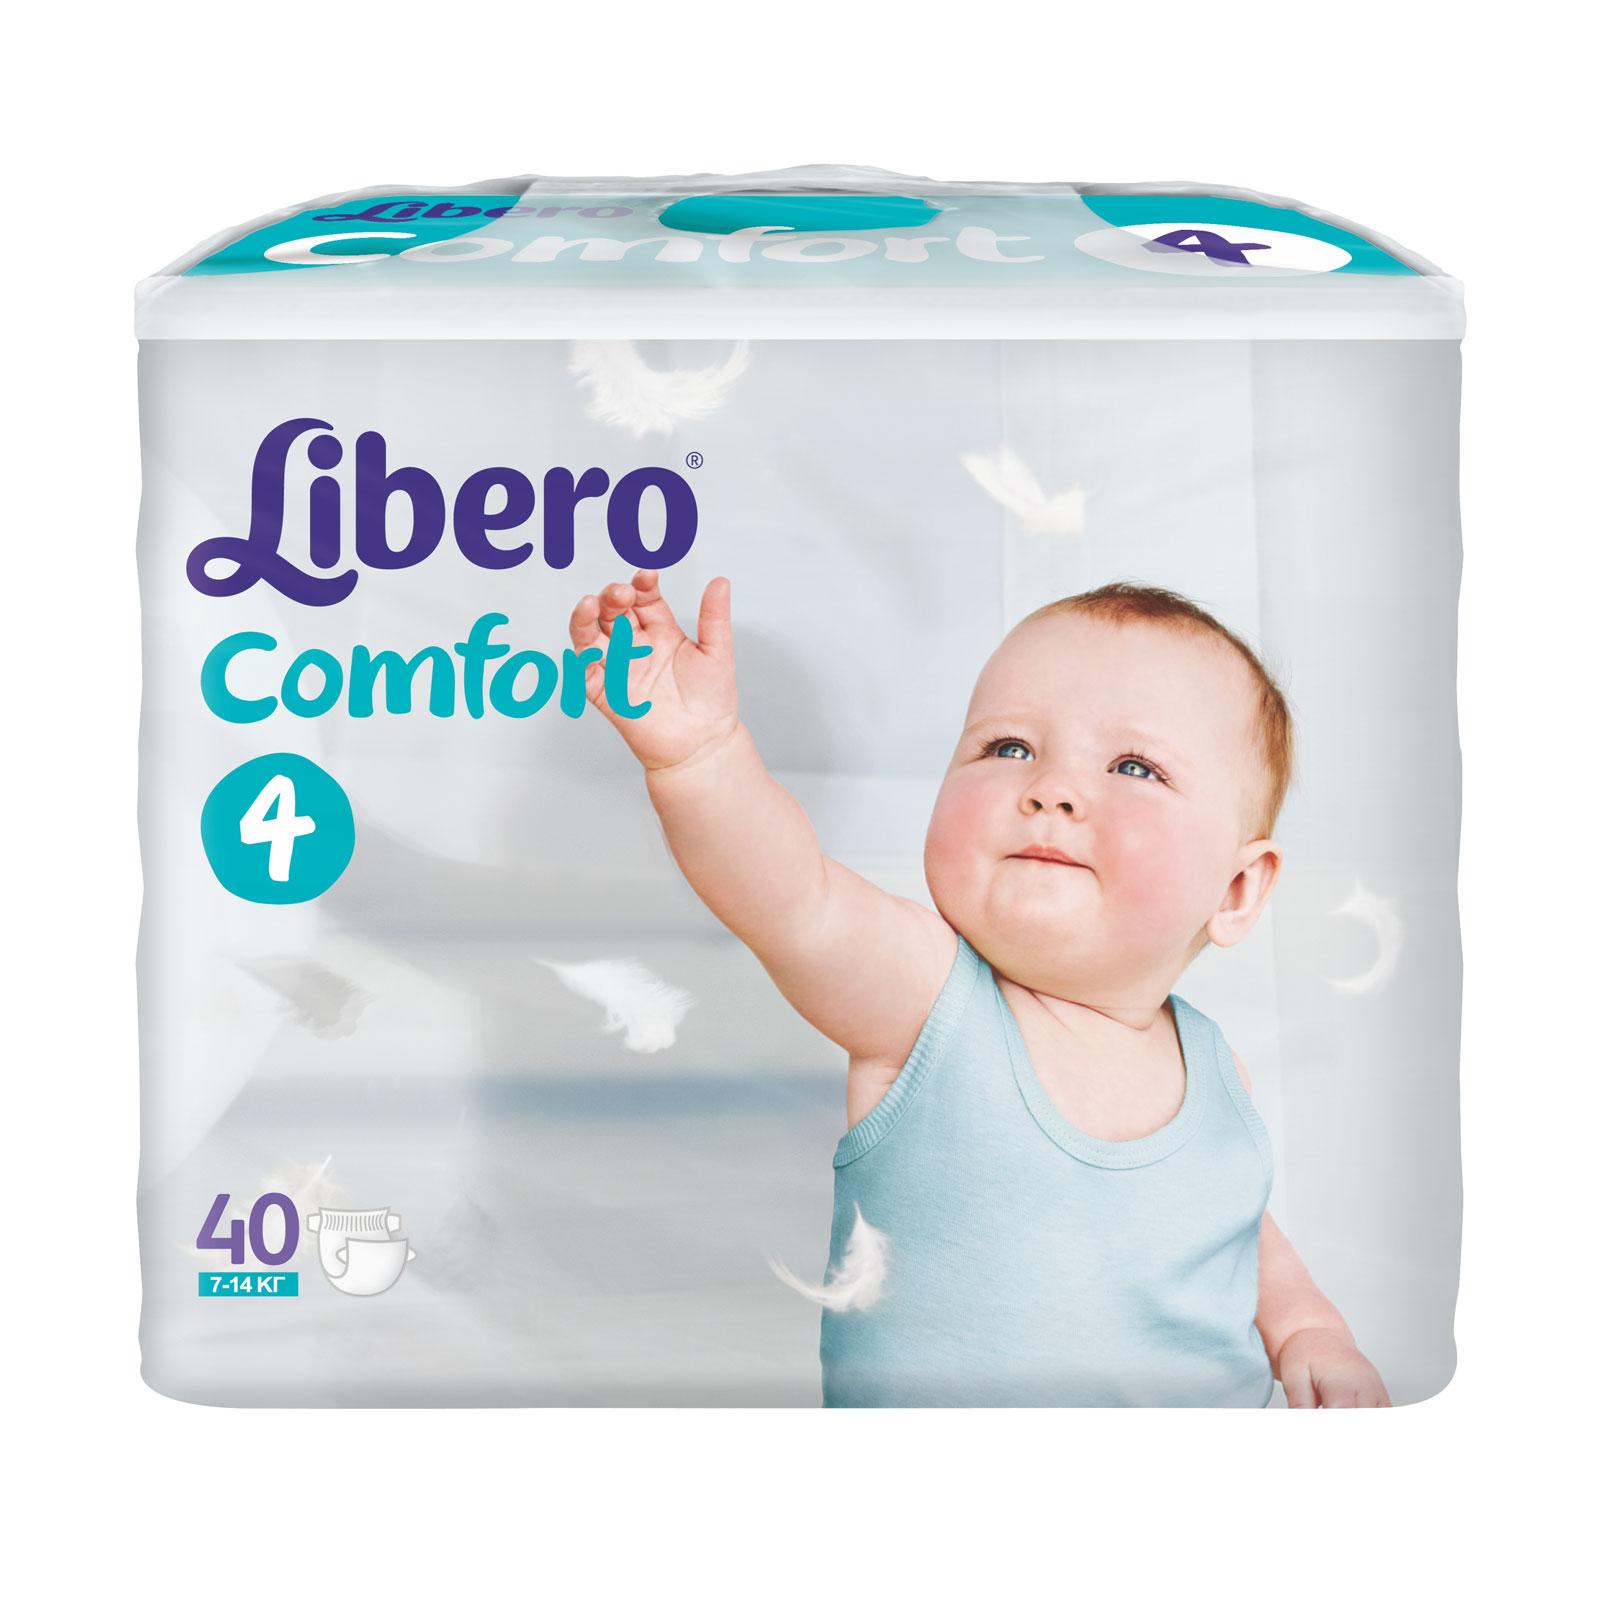 ���������� Libero Comfort Maxi 7-14 �� (40 ��) ������ 4